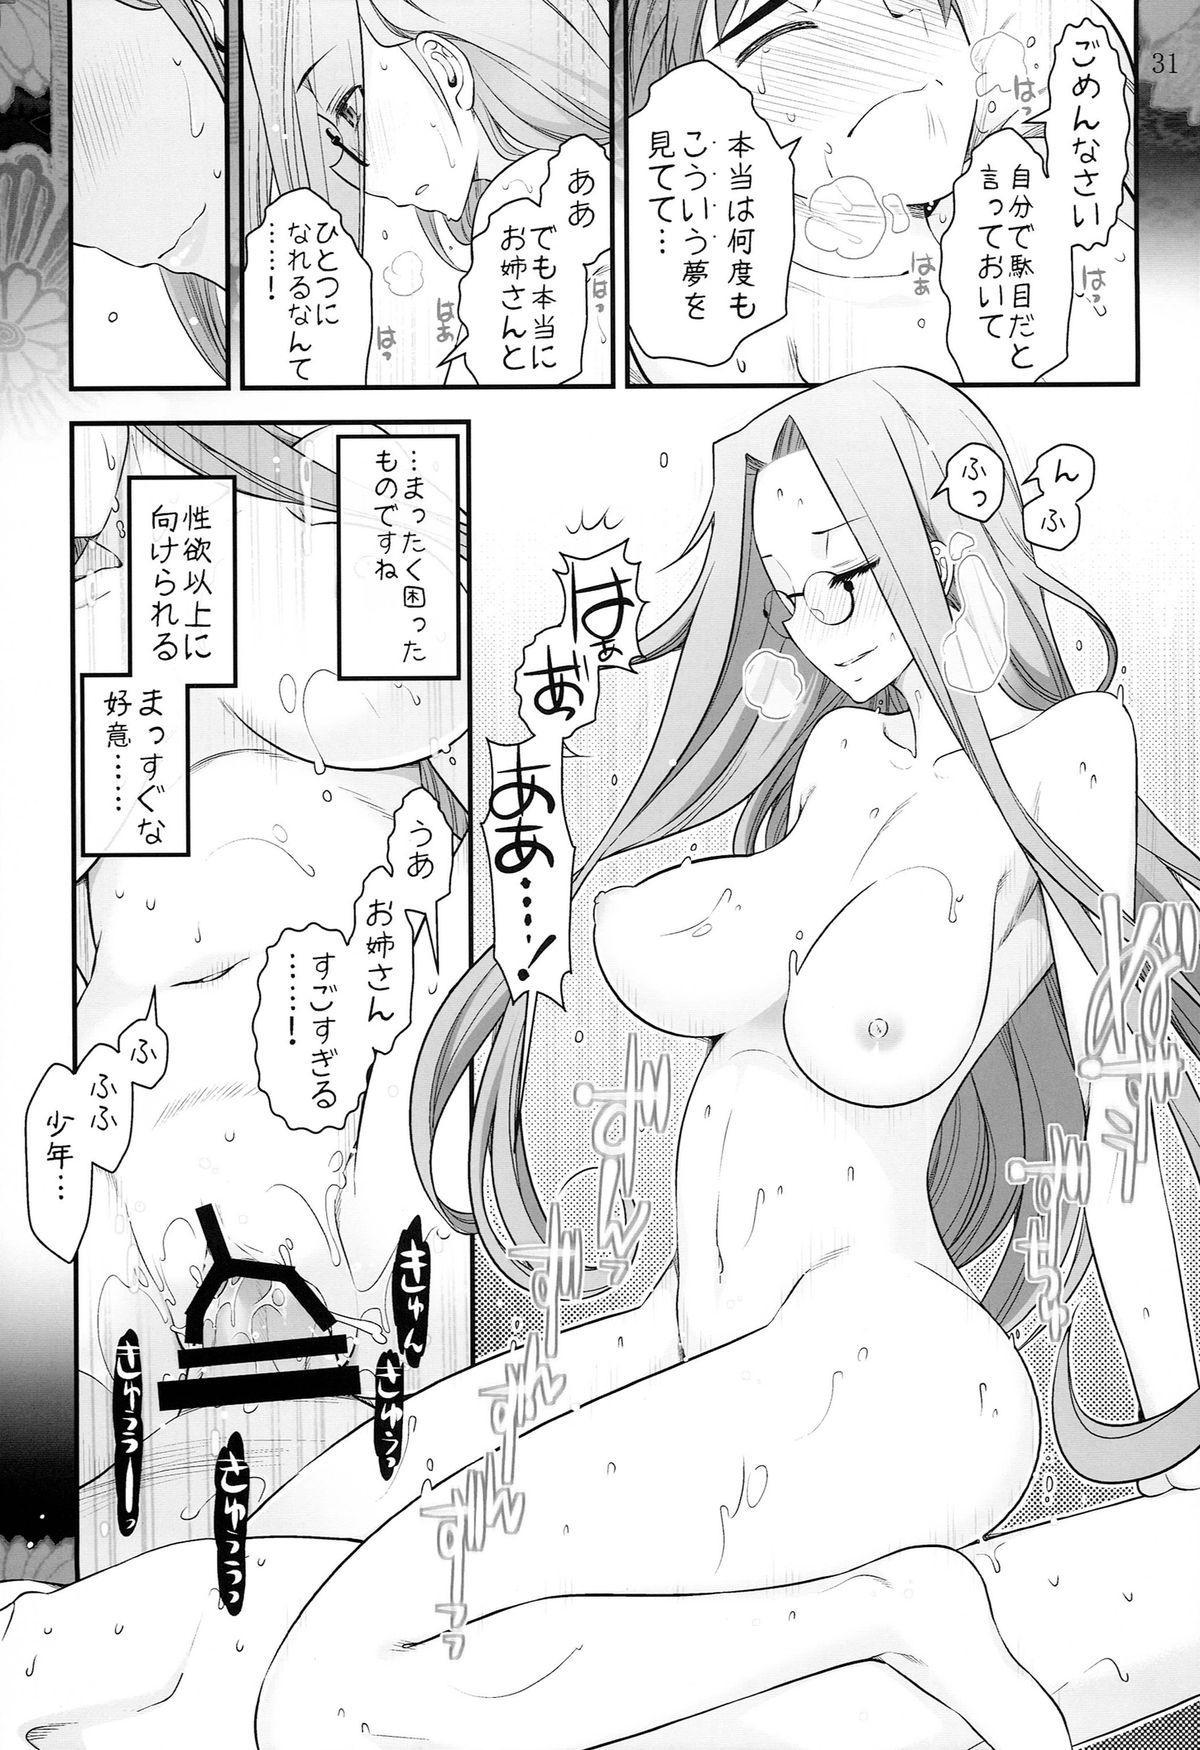 Fate/stay night Rider-san to Shounen no Nichijou 32